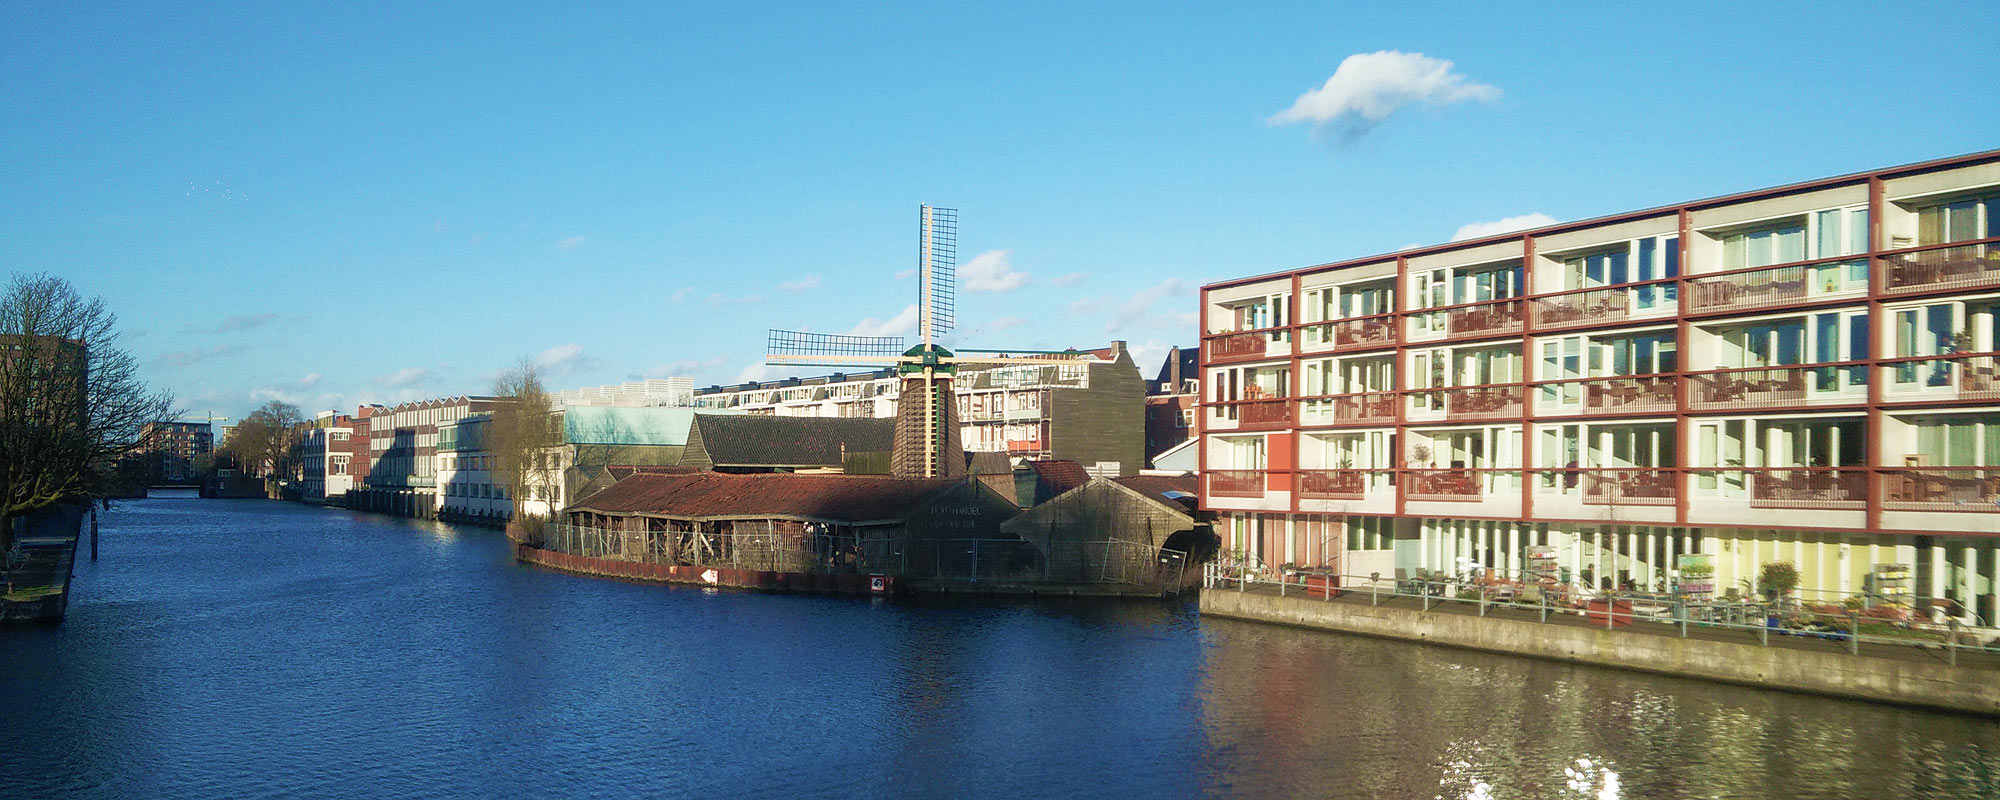 Mühle Molen de Otter im Westen Amsterdams